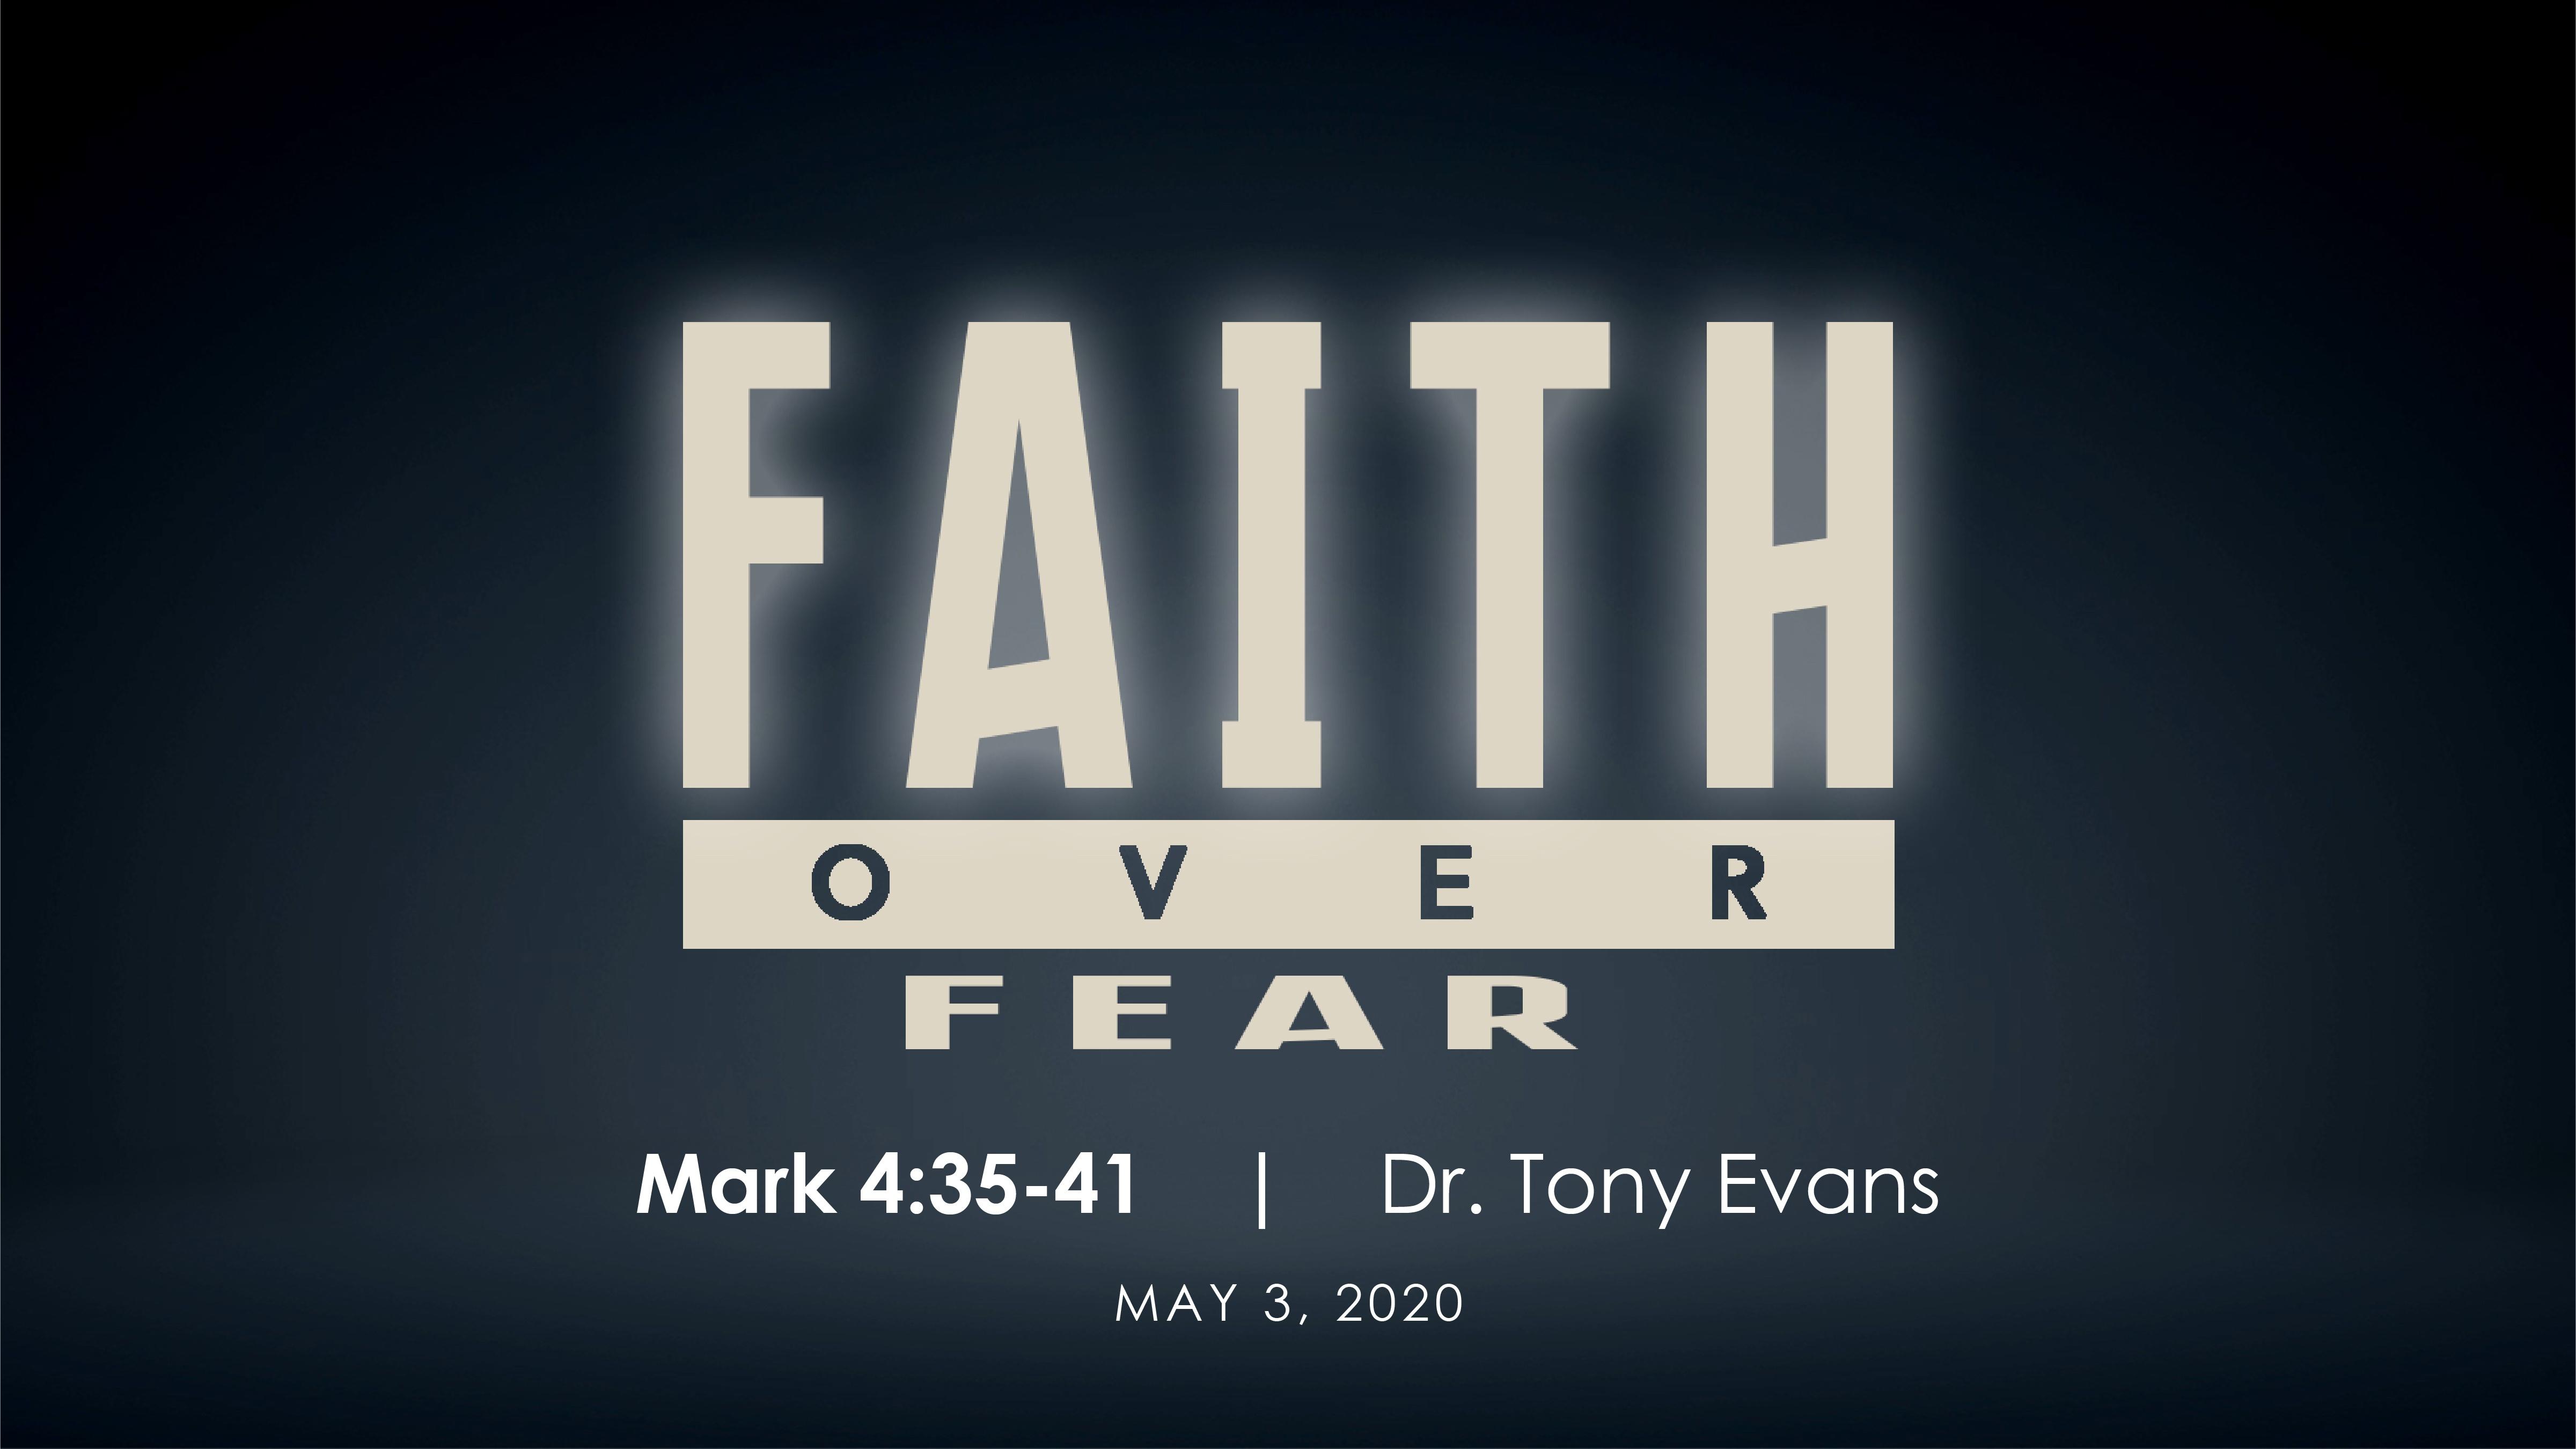 Faith Over Fear by Dr. Tony Evans